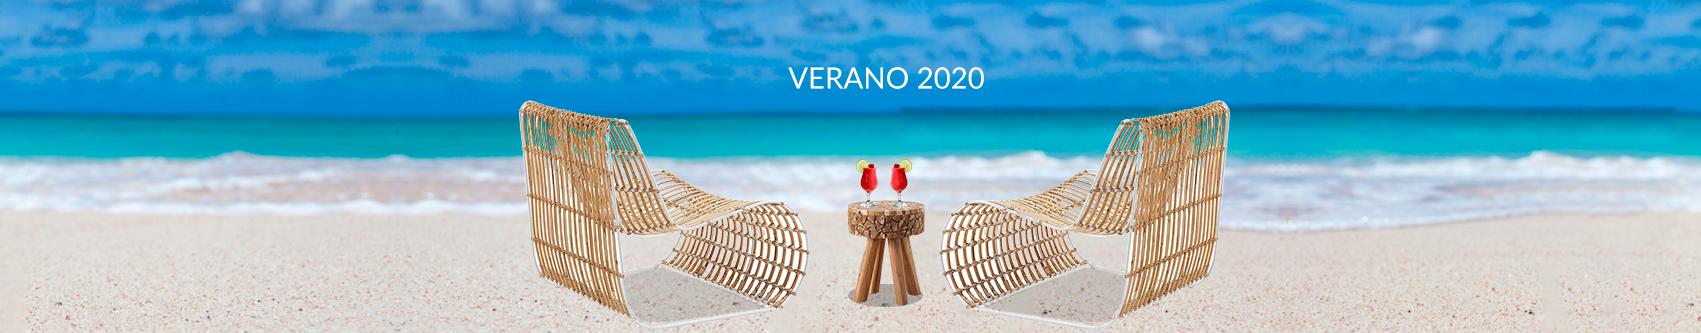 Web verano 2020